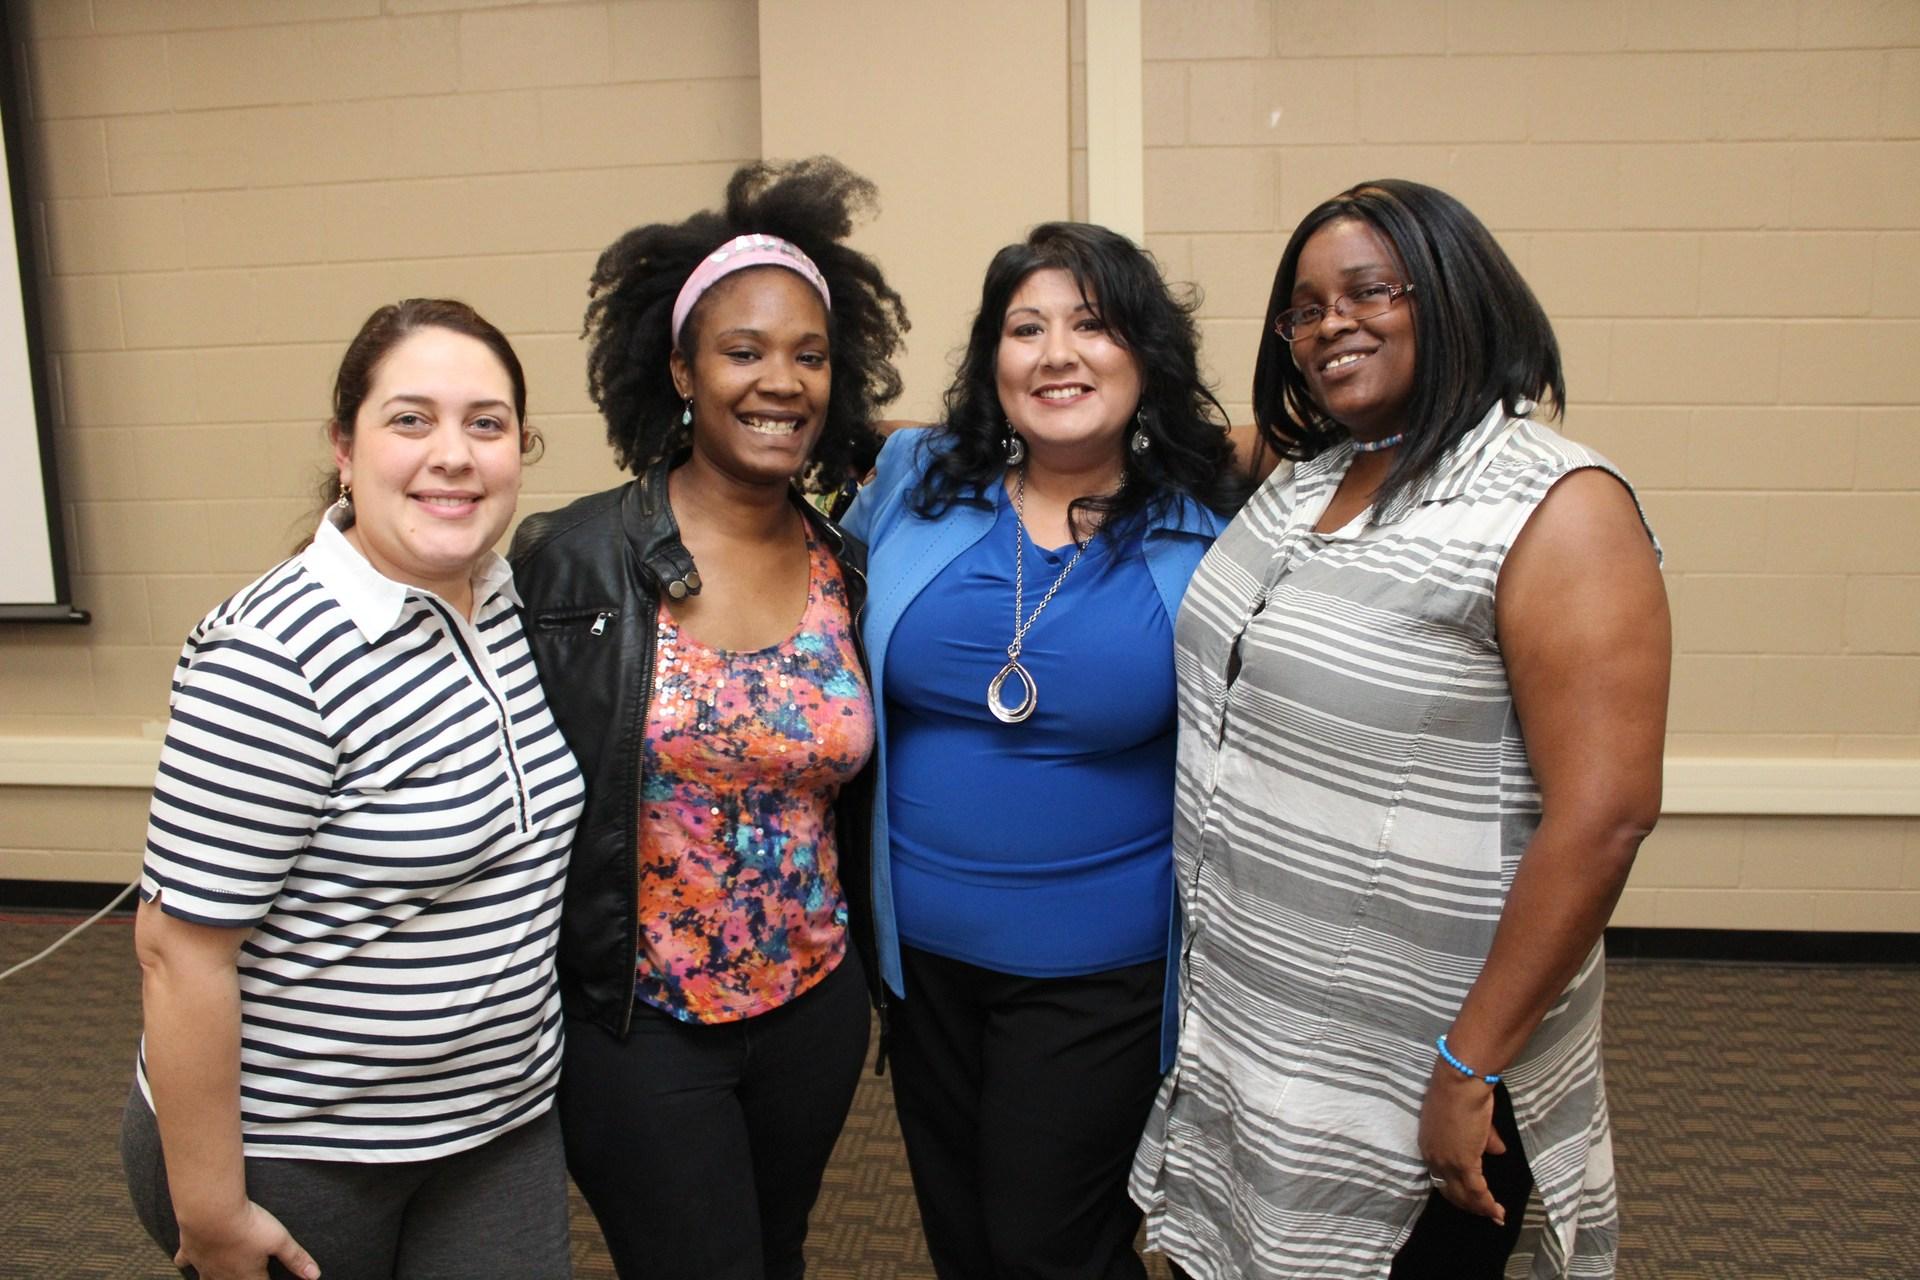 PTA members from Oak Meadows Elementary